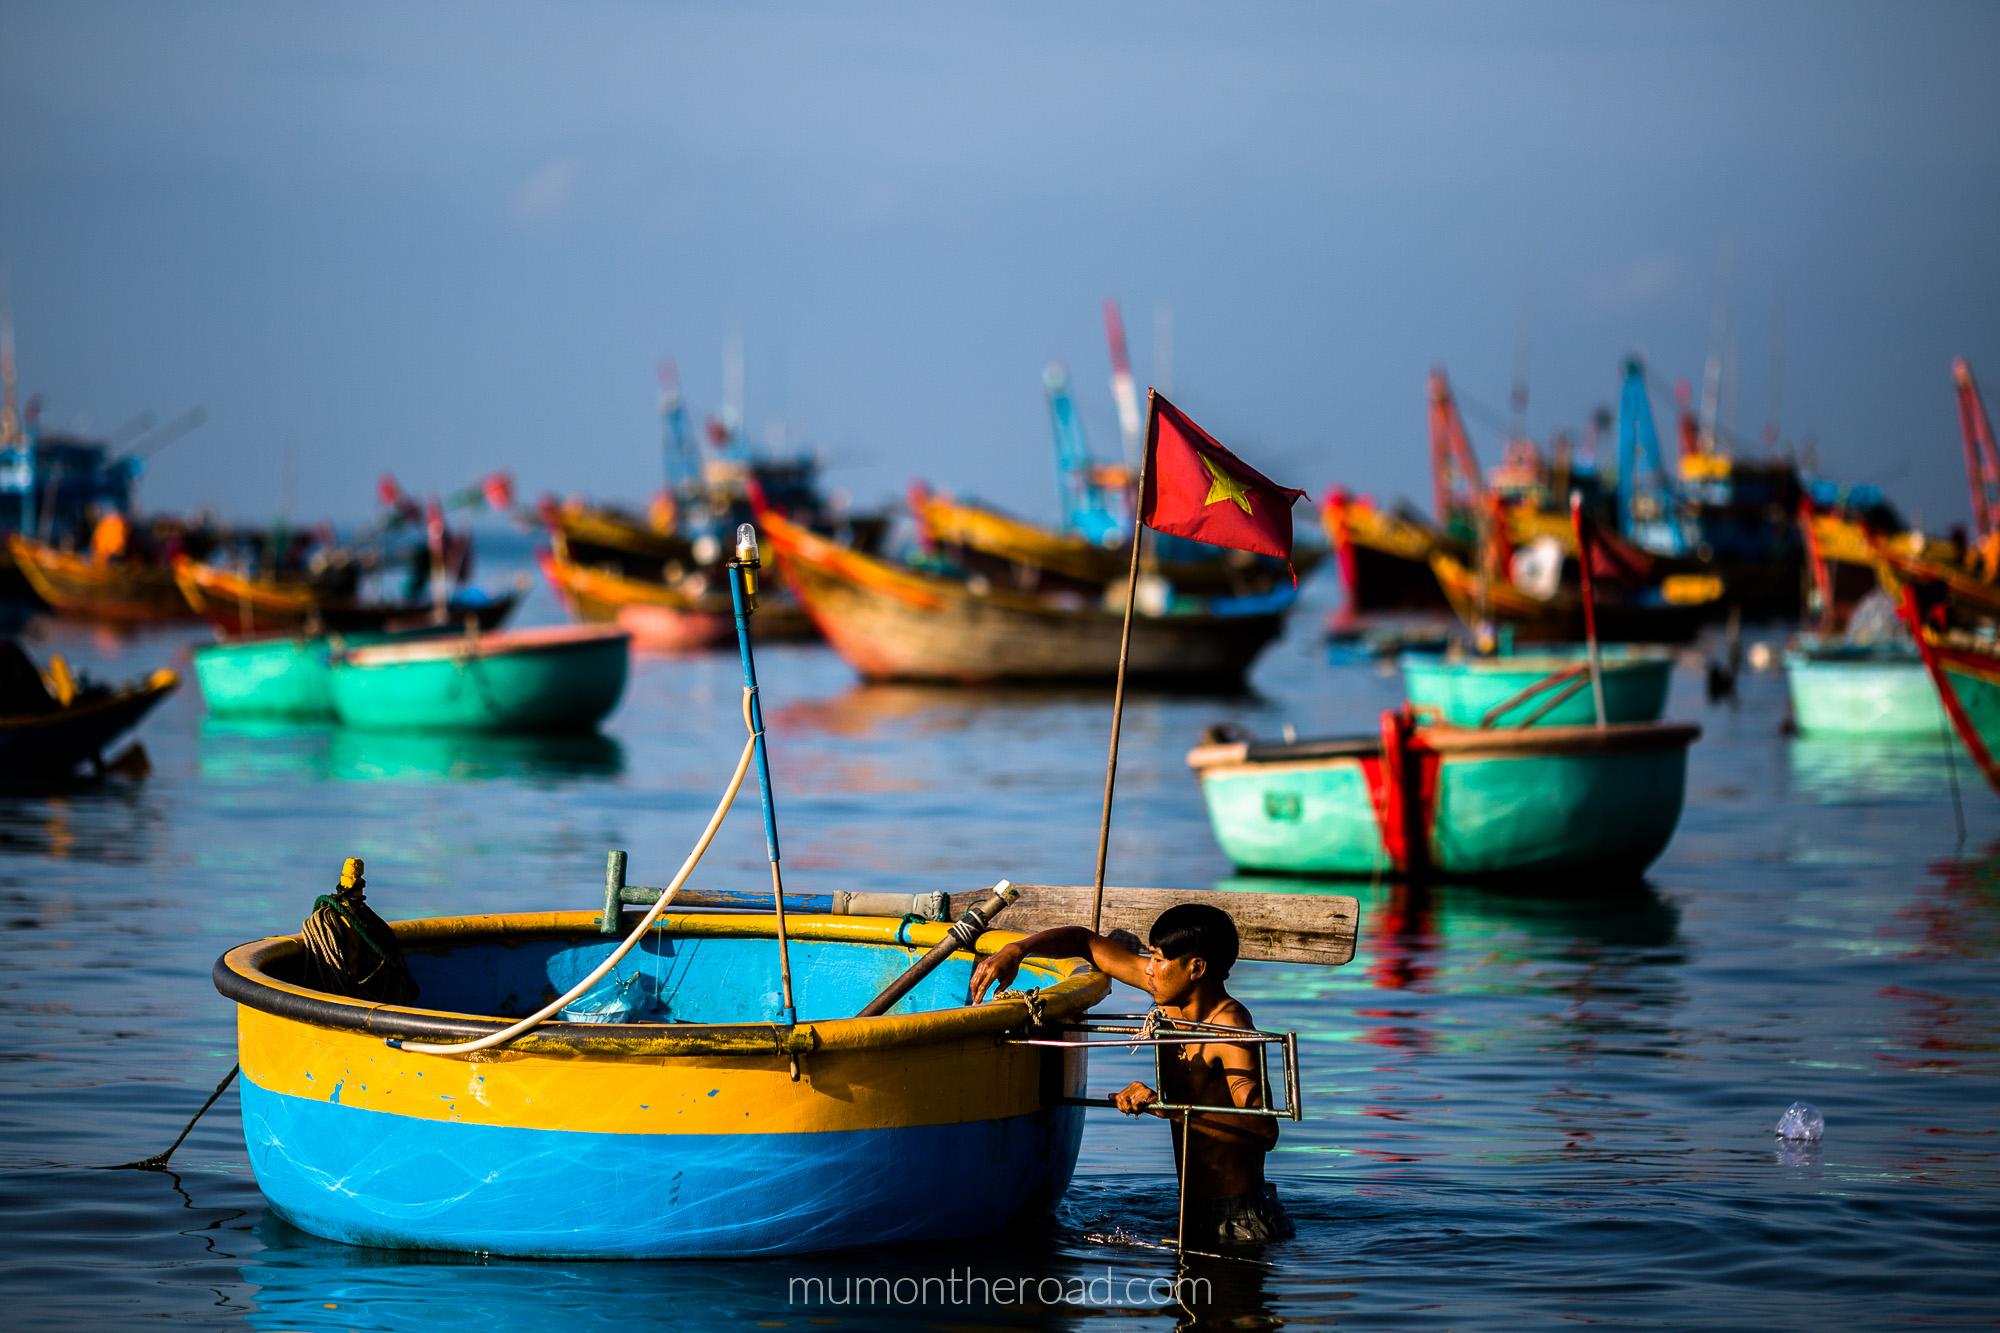 Homme lavant son bateau panier au village des pêcheurs de Mui Ne au Vietnam